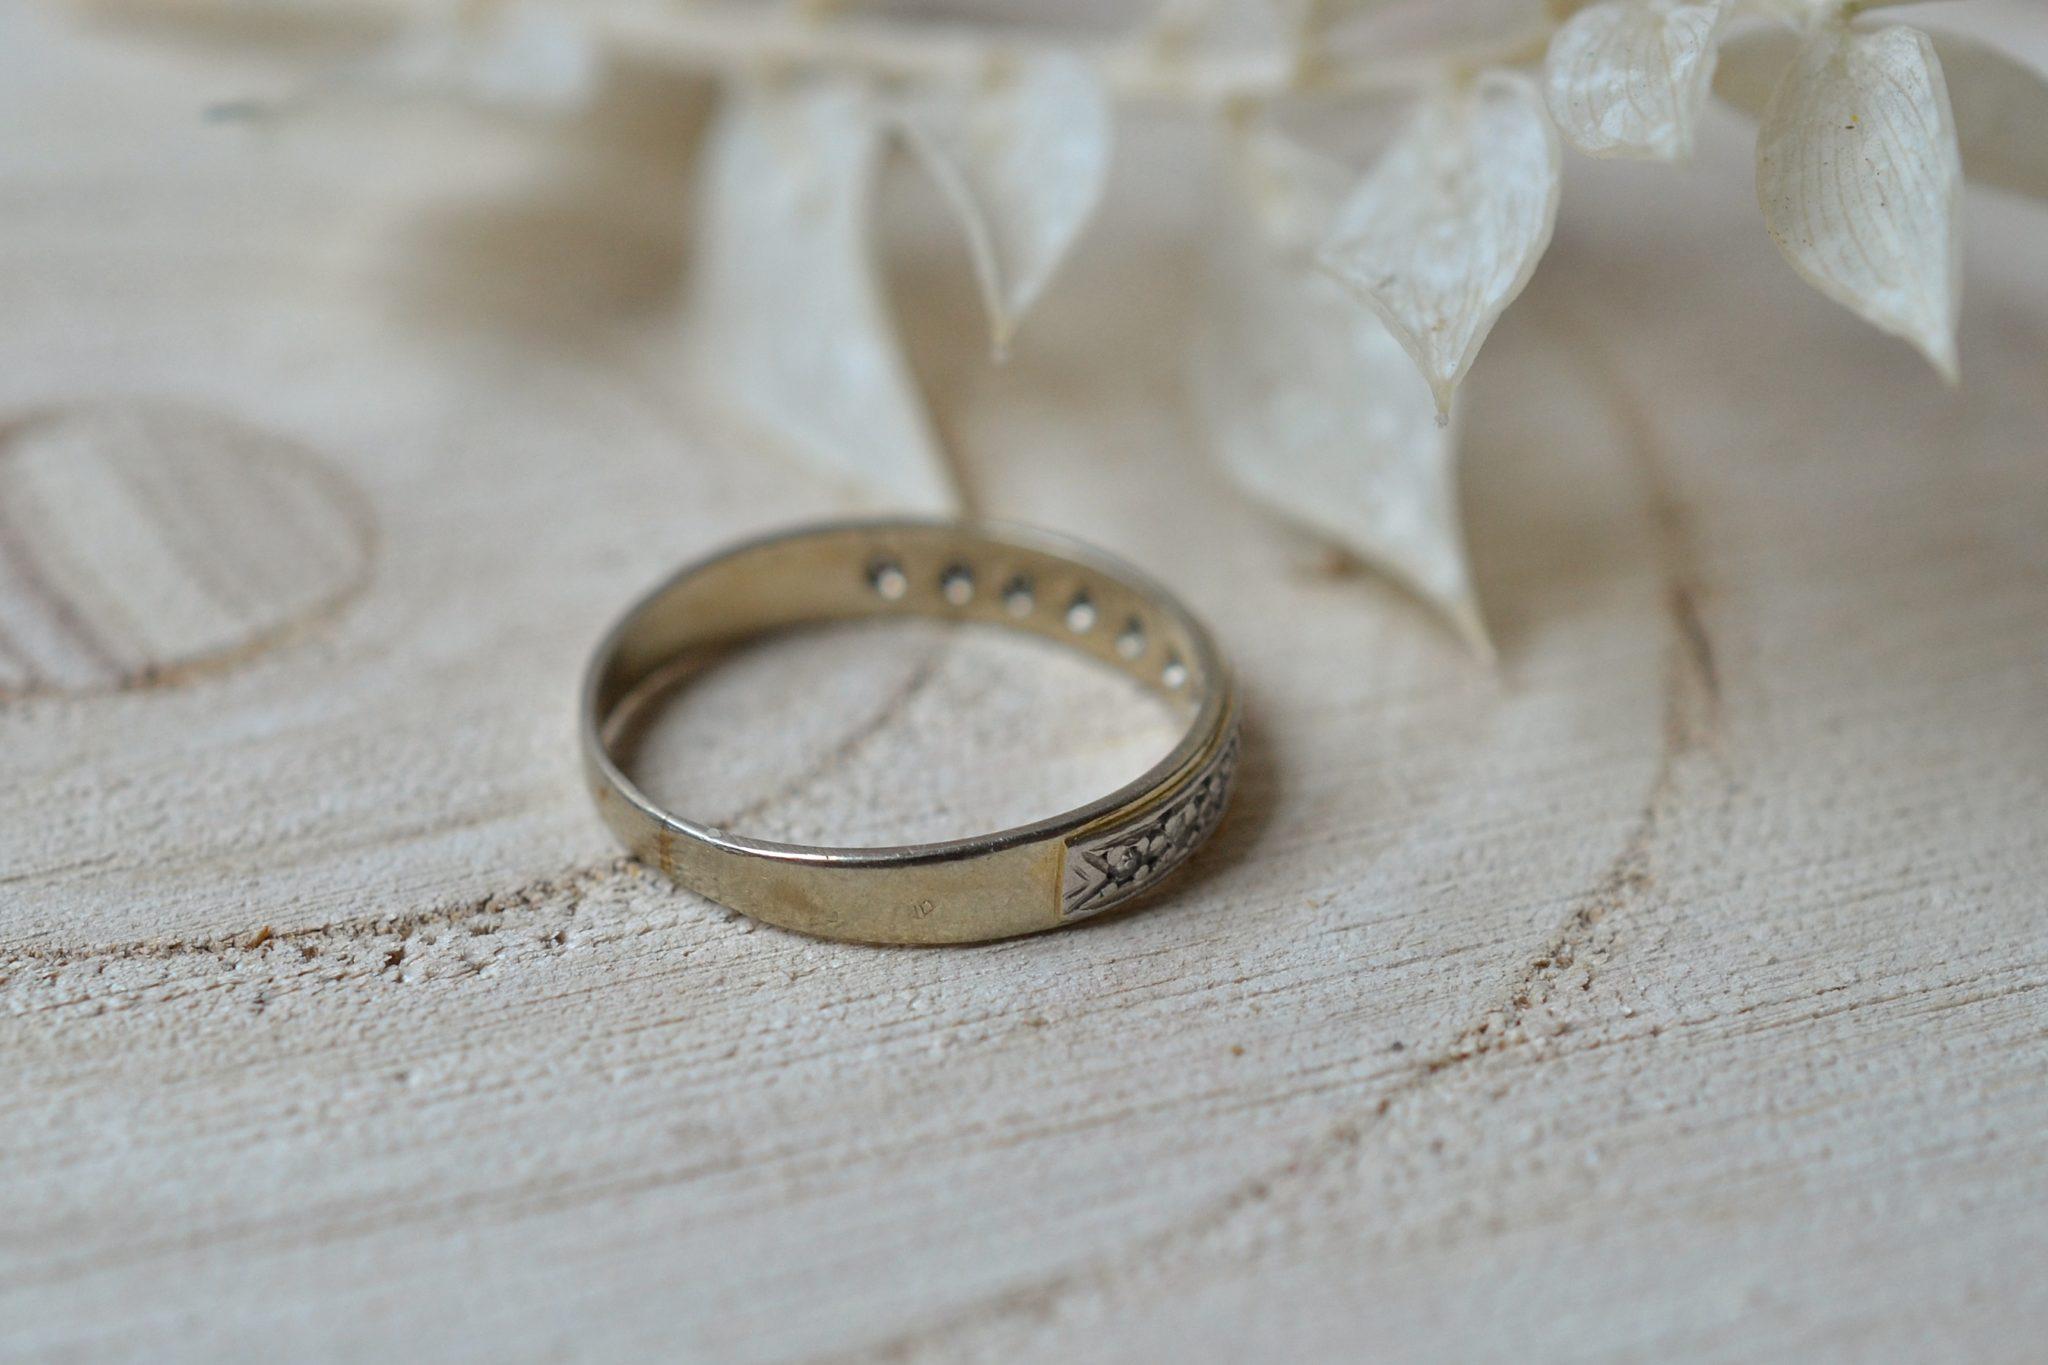 Anneau en platine et Or blanc orné de diamants 8_8 - bague de mariage Vintage et éco-responsable